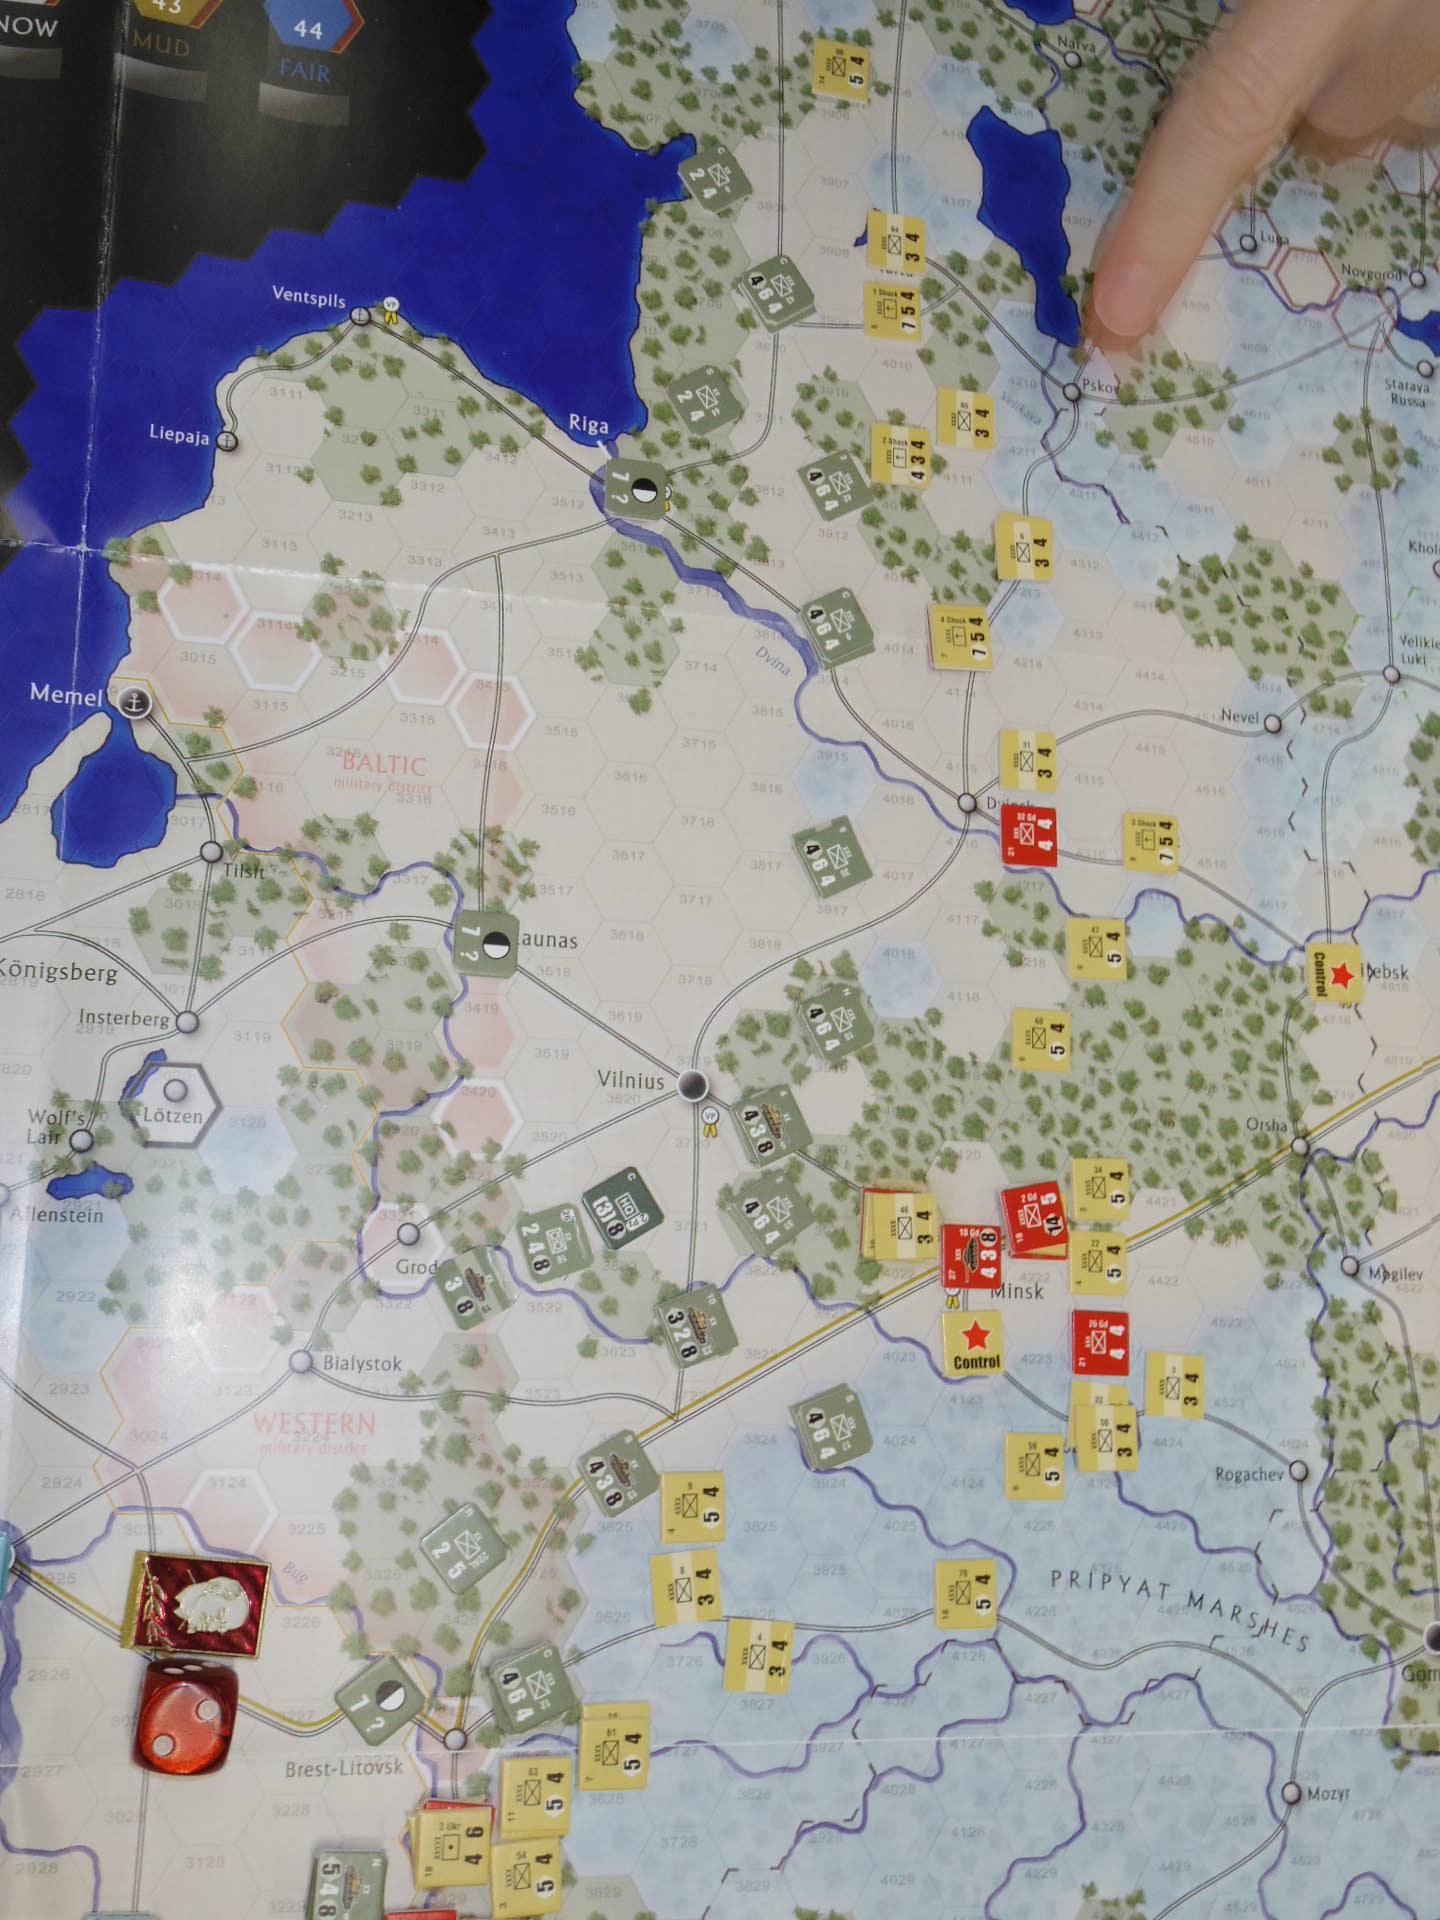 YSGA第329回定例会の様子その6〔(GMT)The Dark Valley  ダーク・ヴァレー 「バグラチオン:1944シナリオ」3人で全5ターン貫徹➋〕_b0173672_00001647.jpg